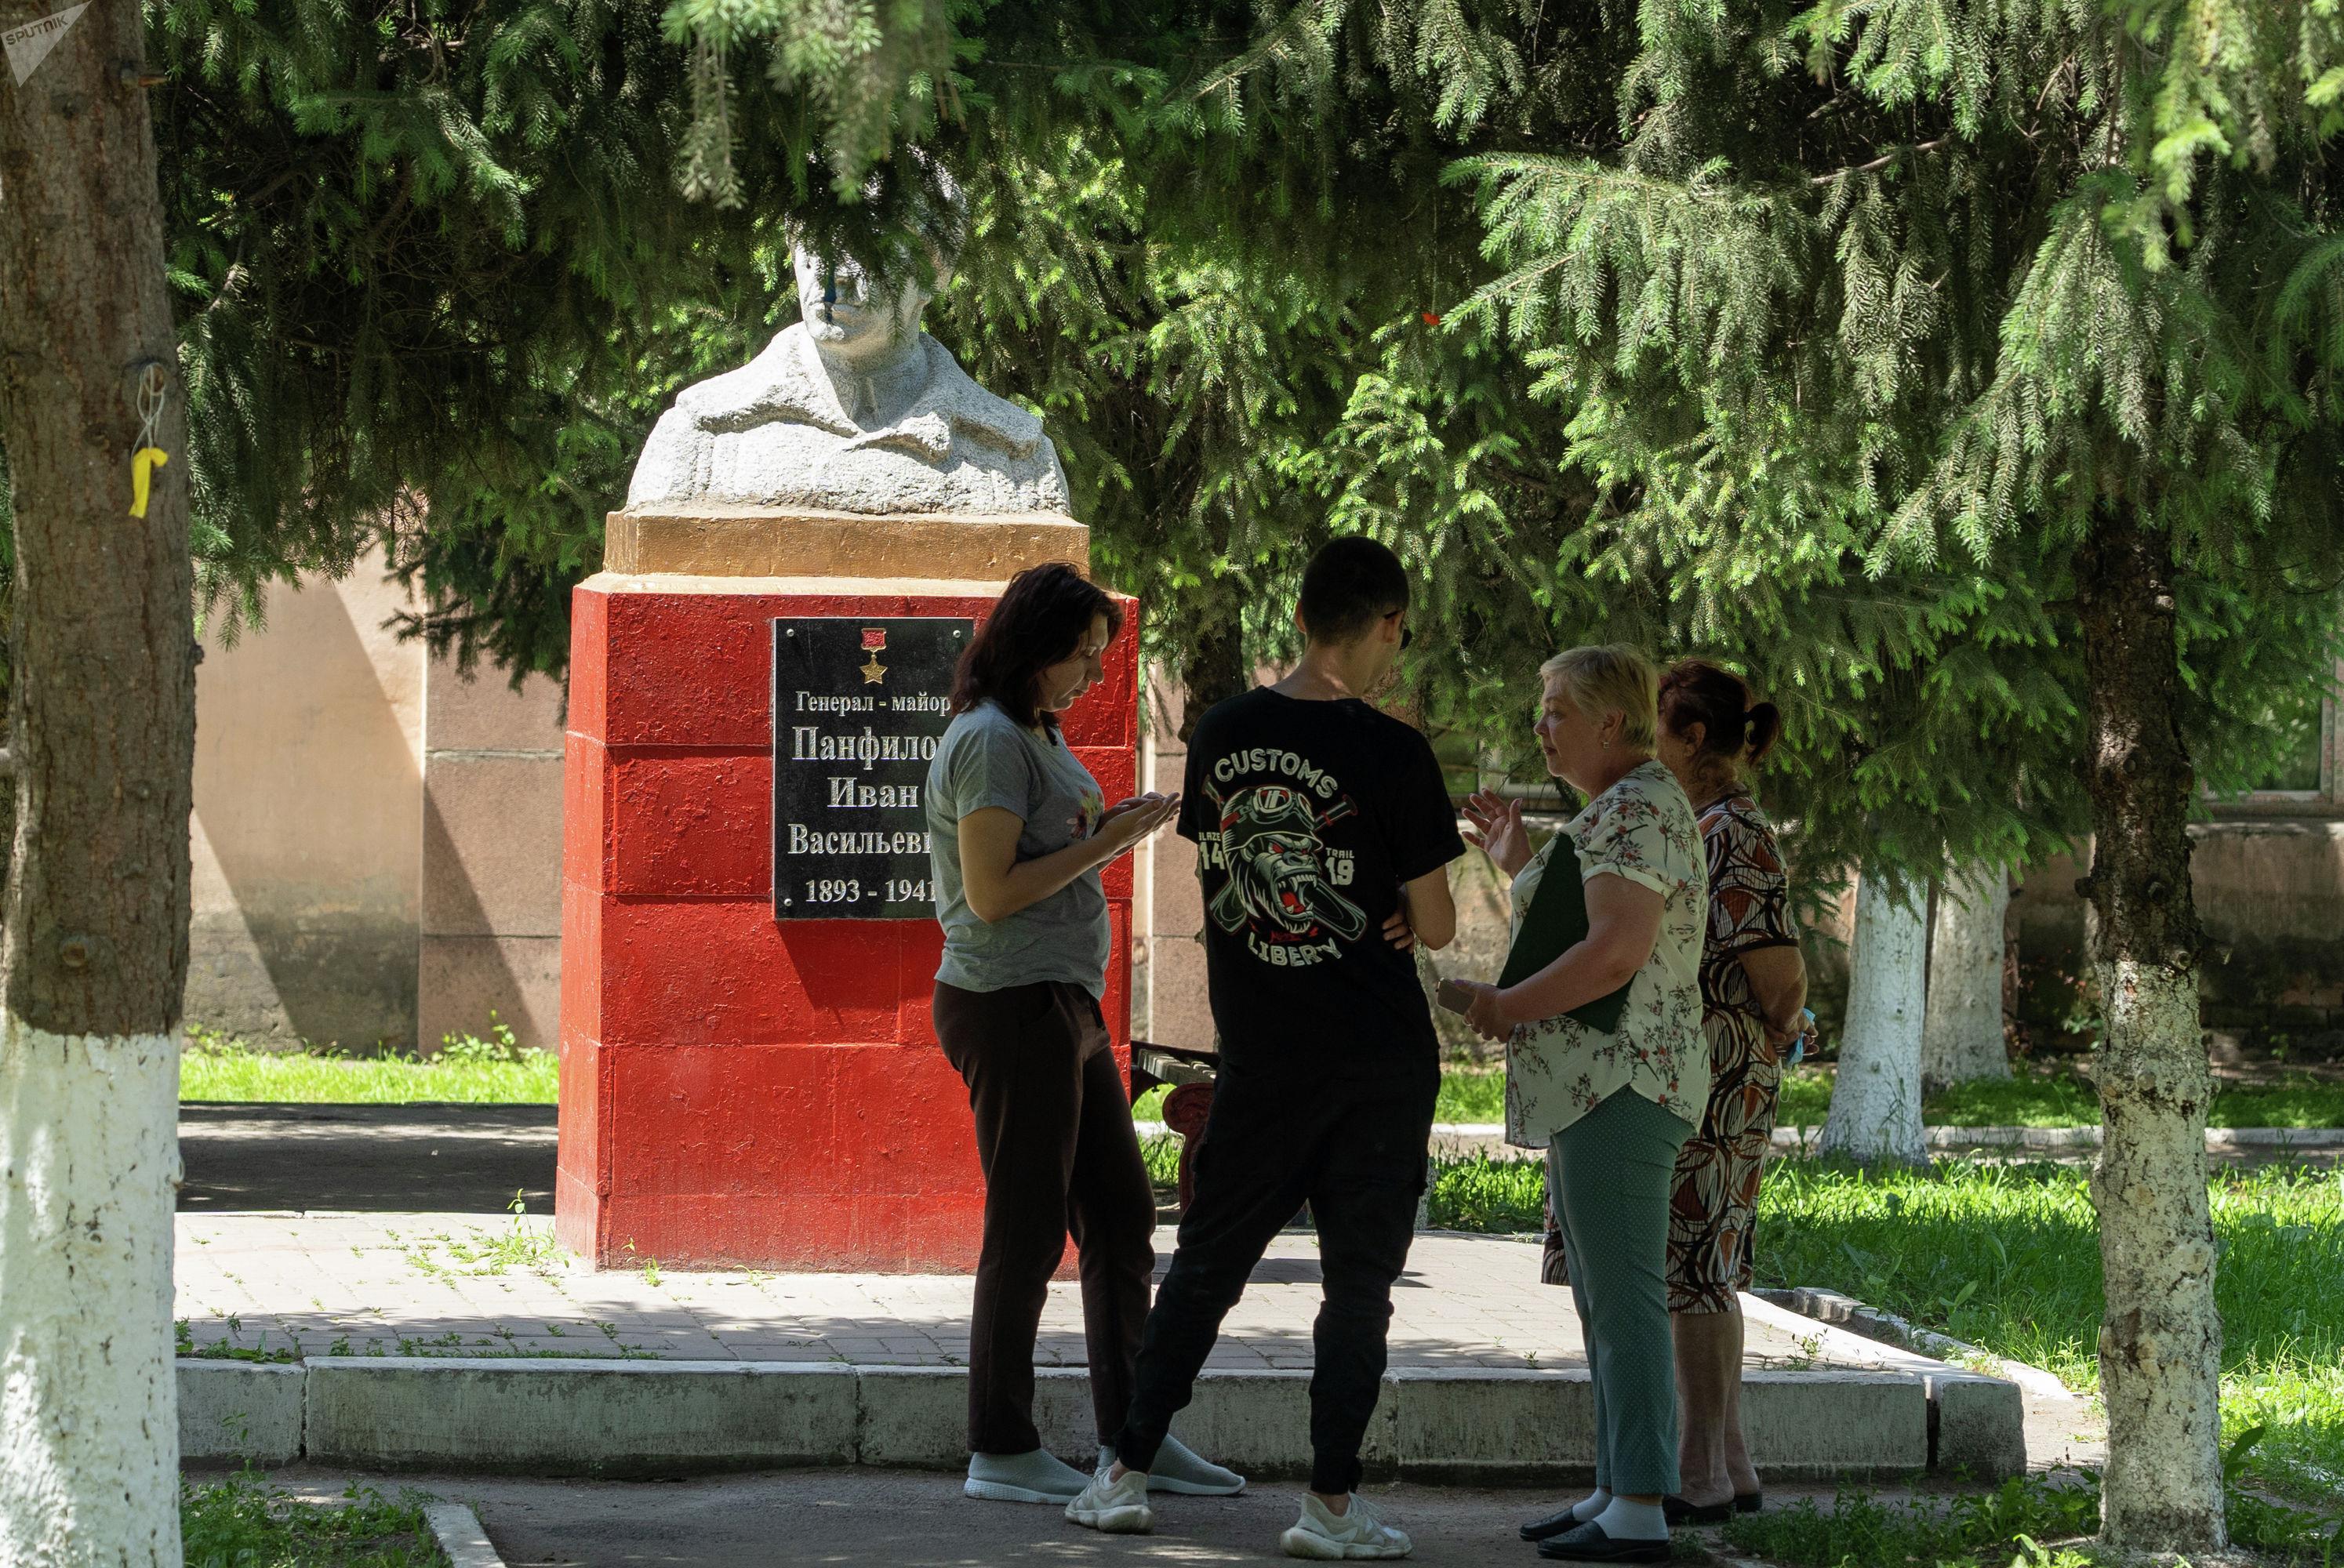 Местные жители негодуют, почему директор предприятия хочет убрать монумент, напоминающий поколениям о великой войне и ее героях